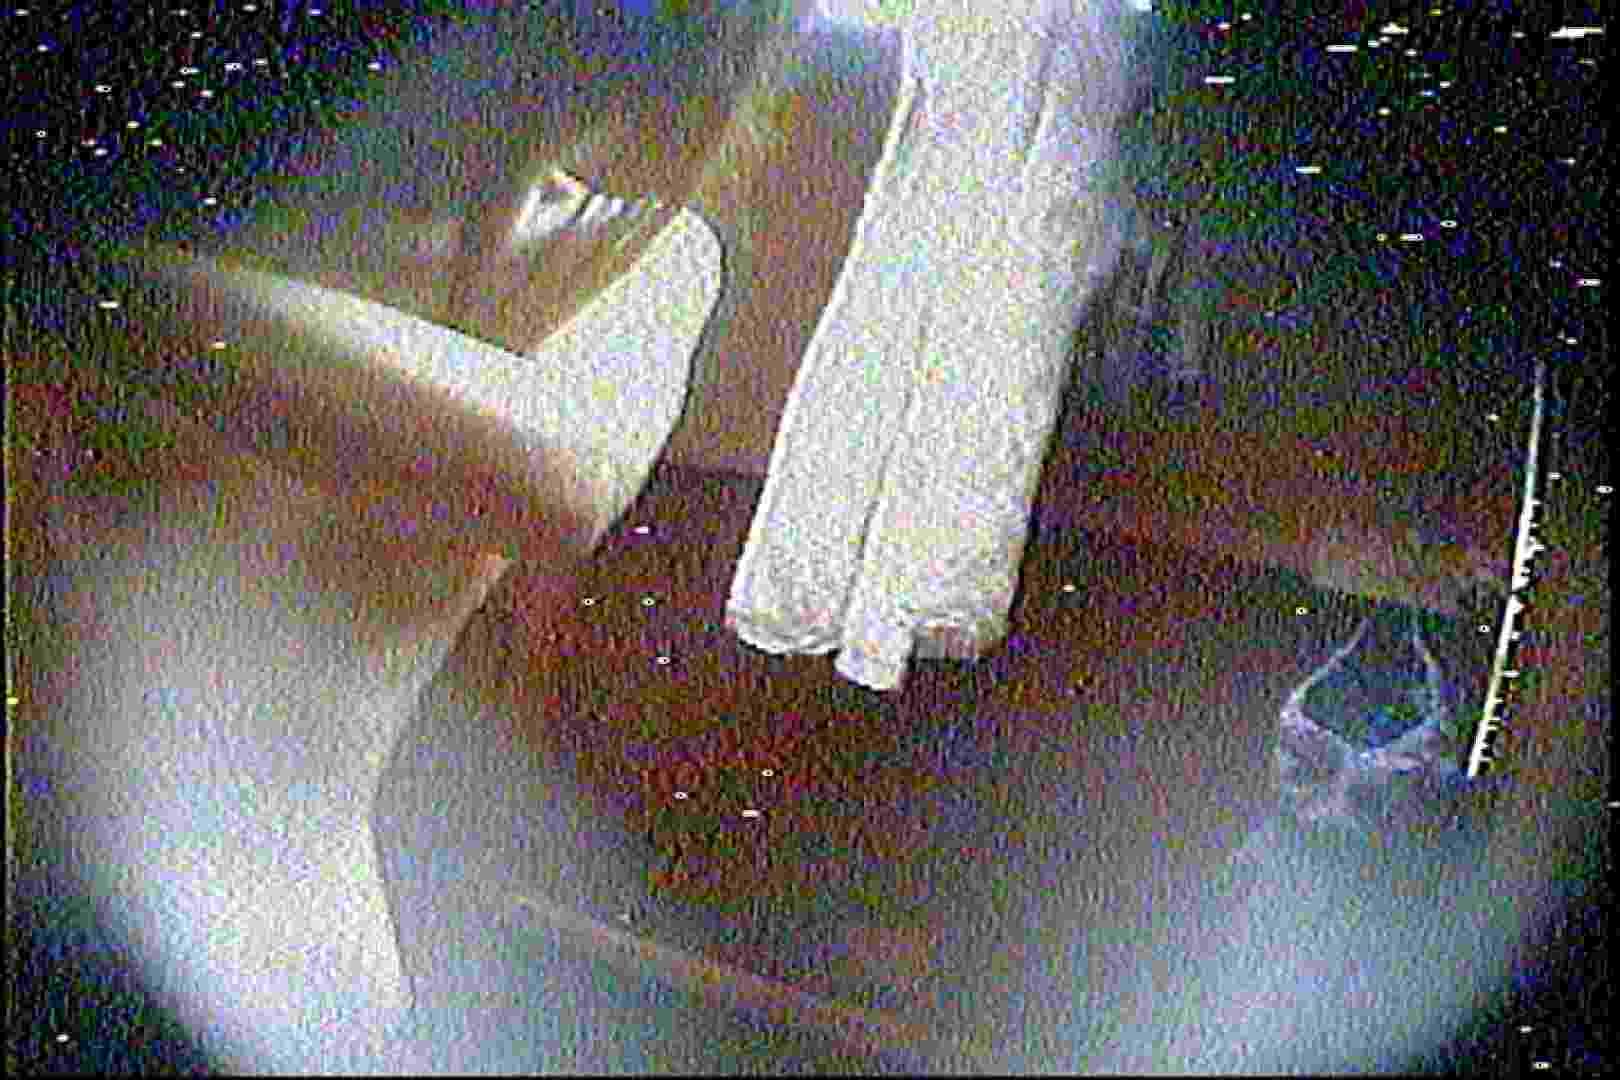 海の家の更衣室 Vol.27 ギャル攻め セックス画像 89画像 16